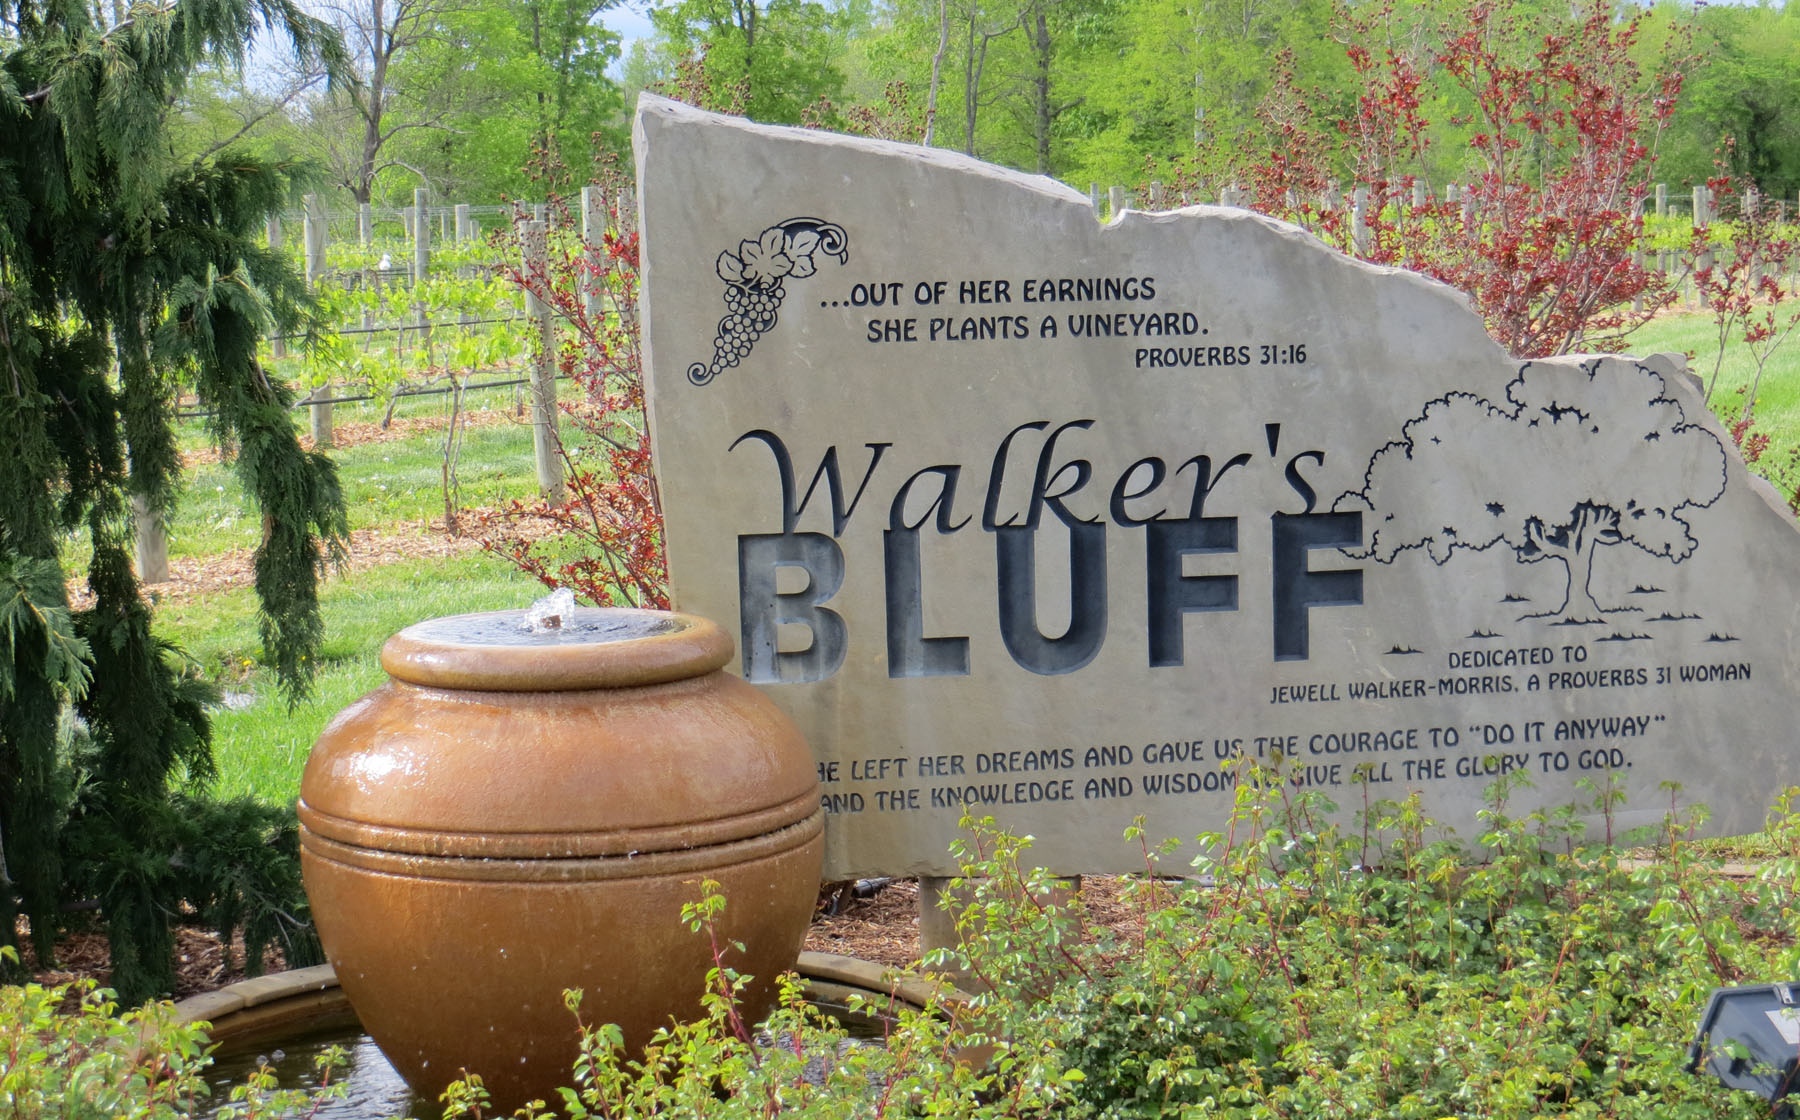 Walker's Bluff